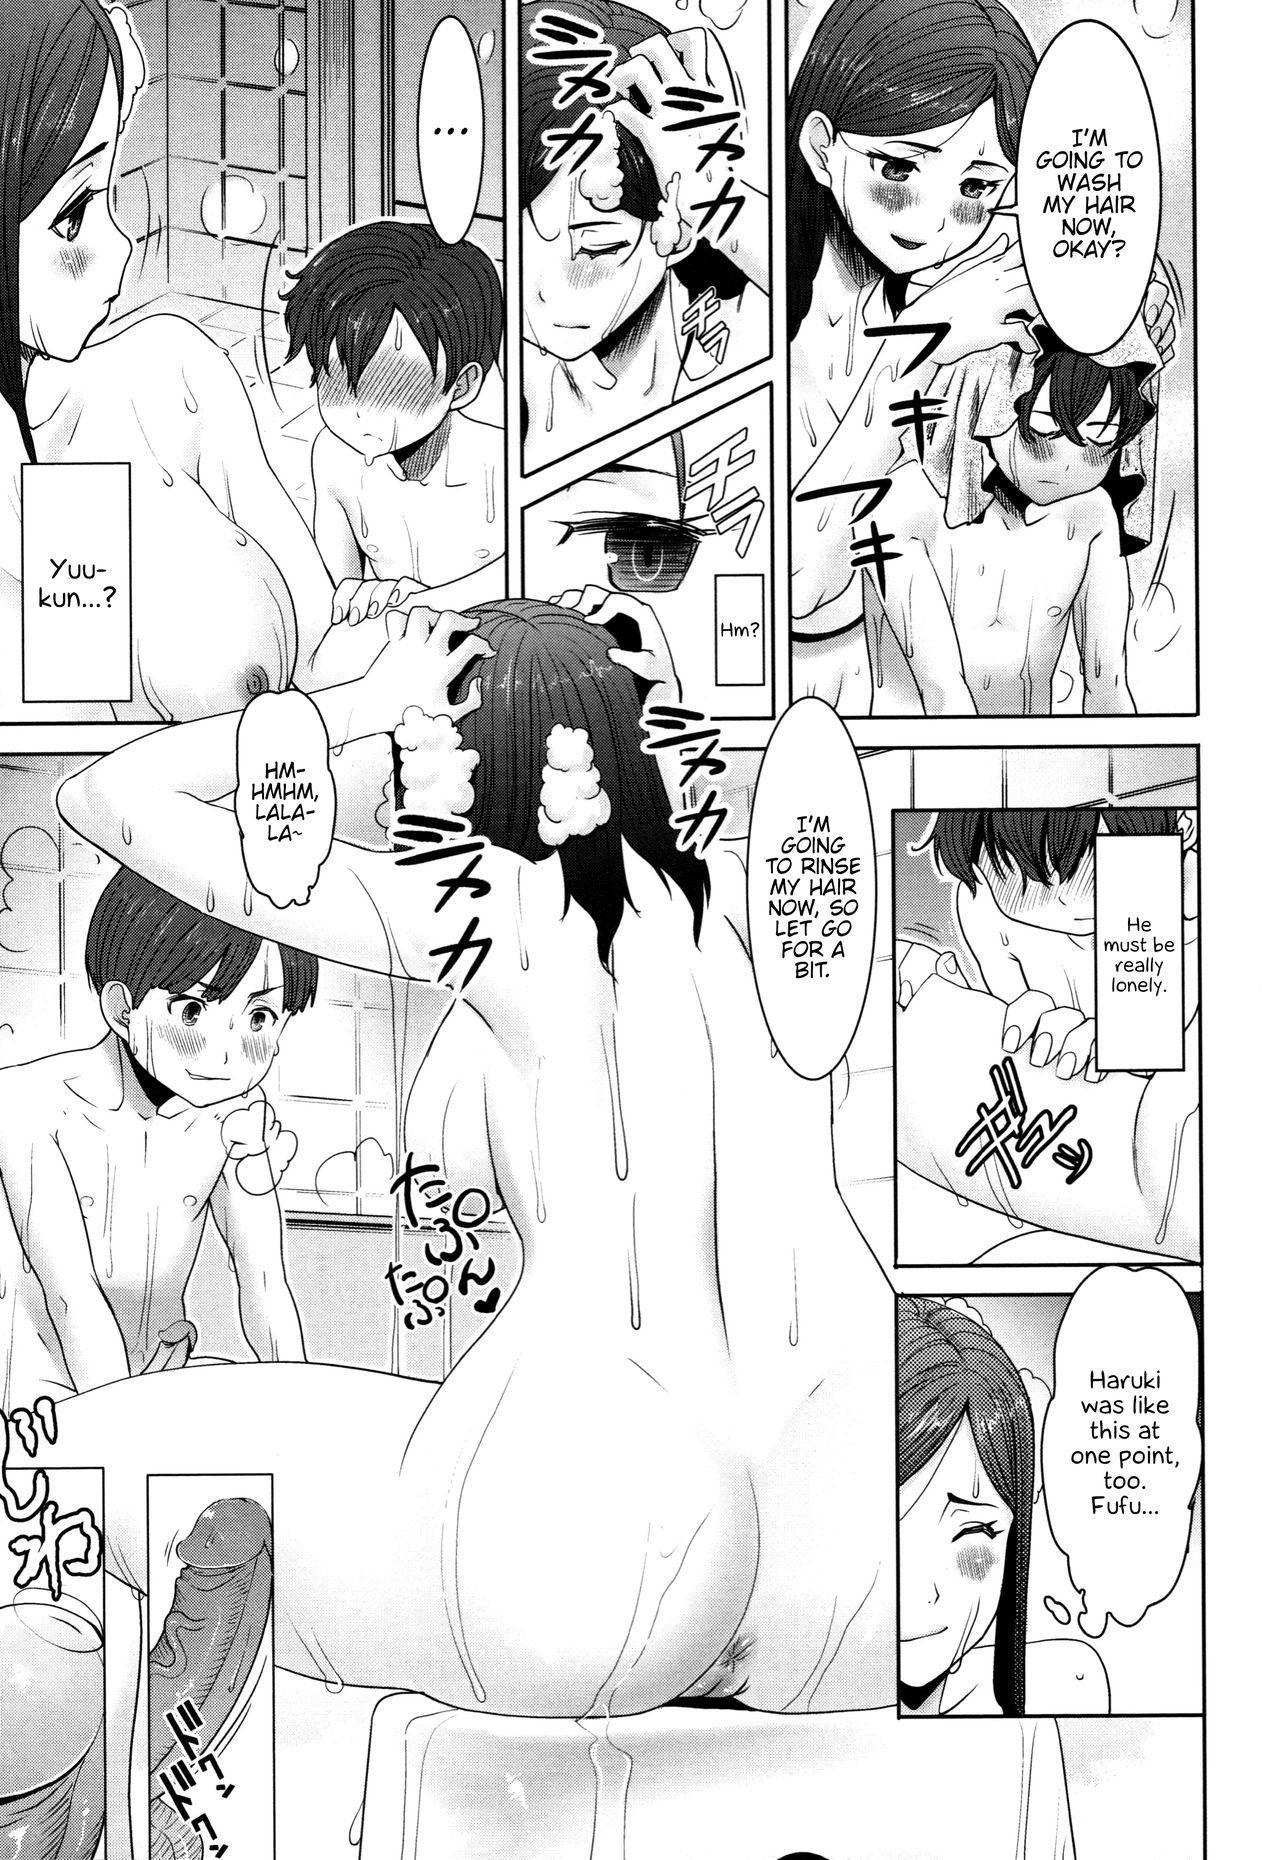 Unsweet - Asahina Ikka Netorareta Haha · Tomoko 14